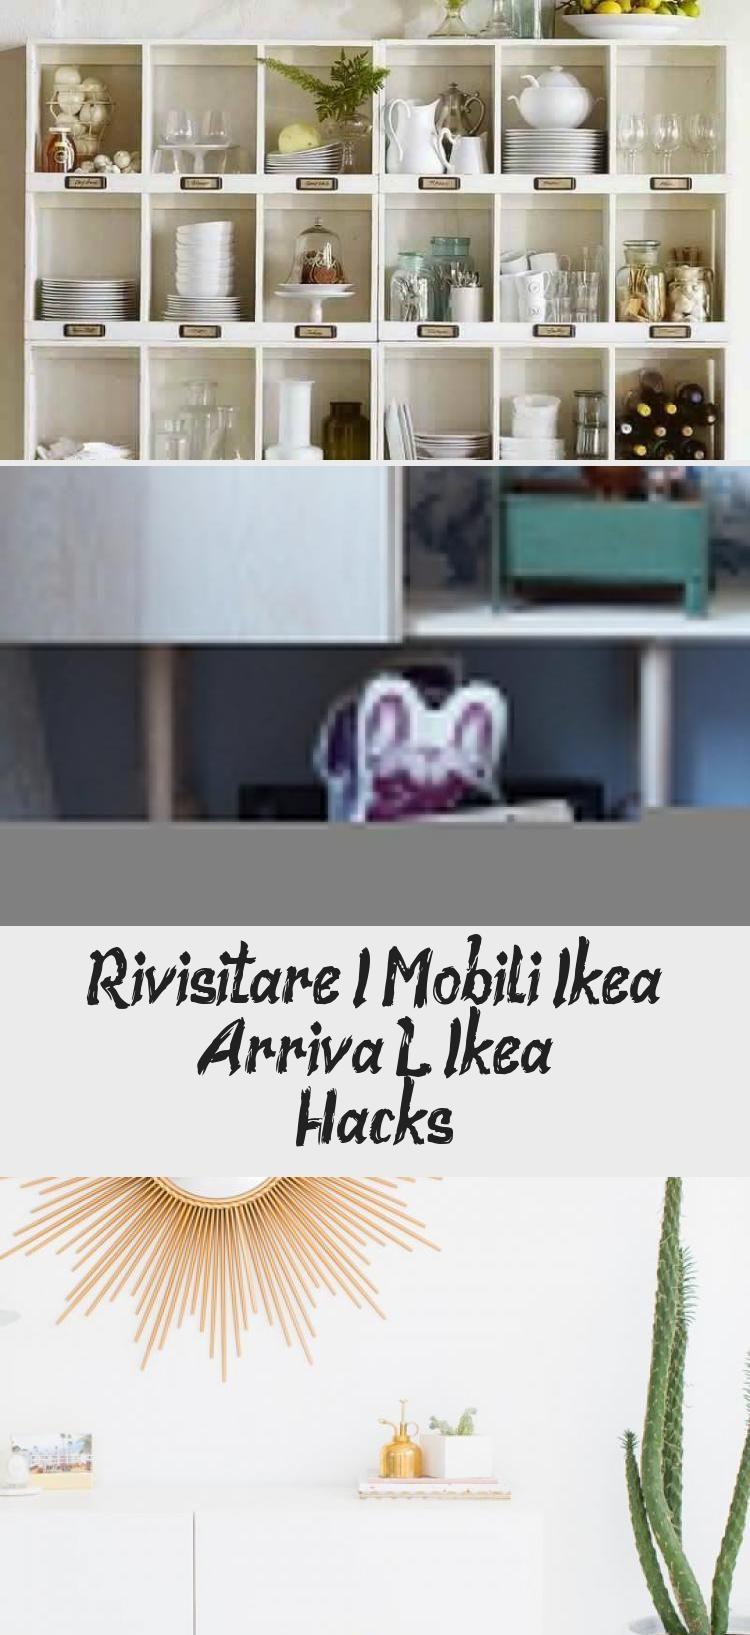 Interior Design Fai Da Te rivisitare i mobili ikea? arriva l' ikea hacks - bettio